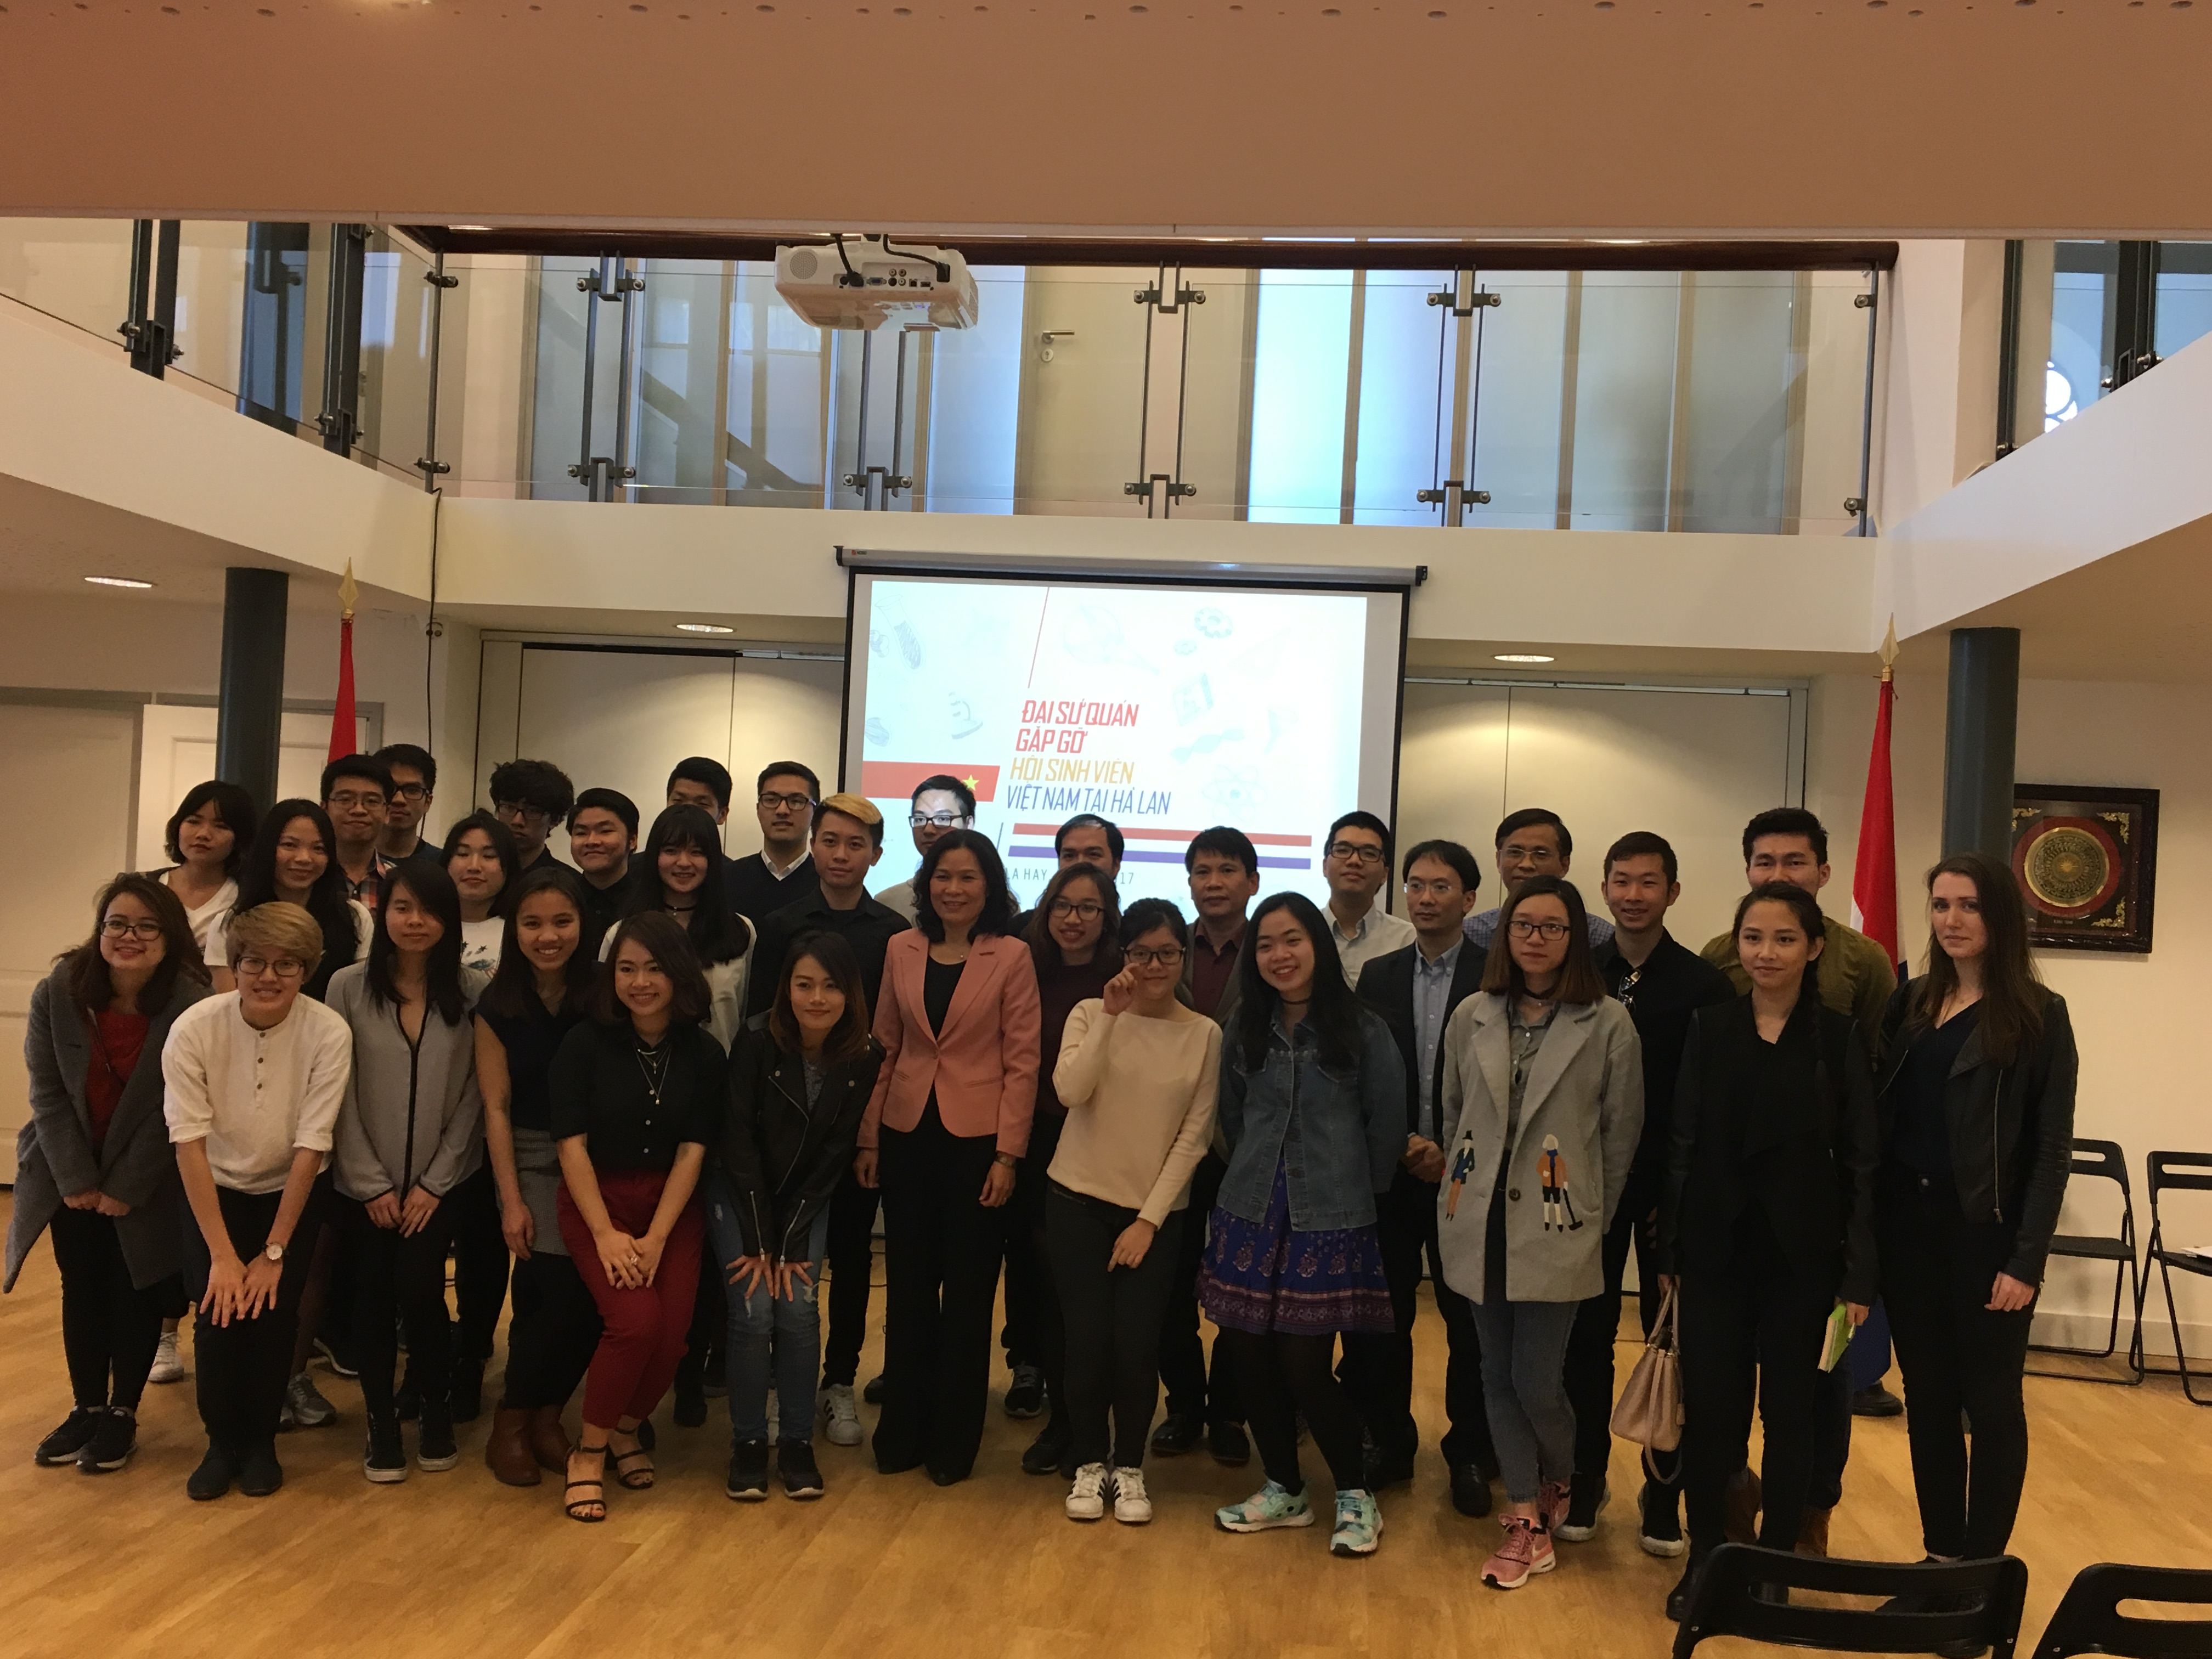 Gặp gỡ sinh viên Việt Nam đang sinh sống học tập tại Hà Lan